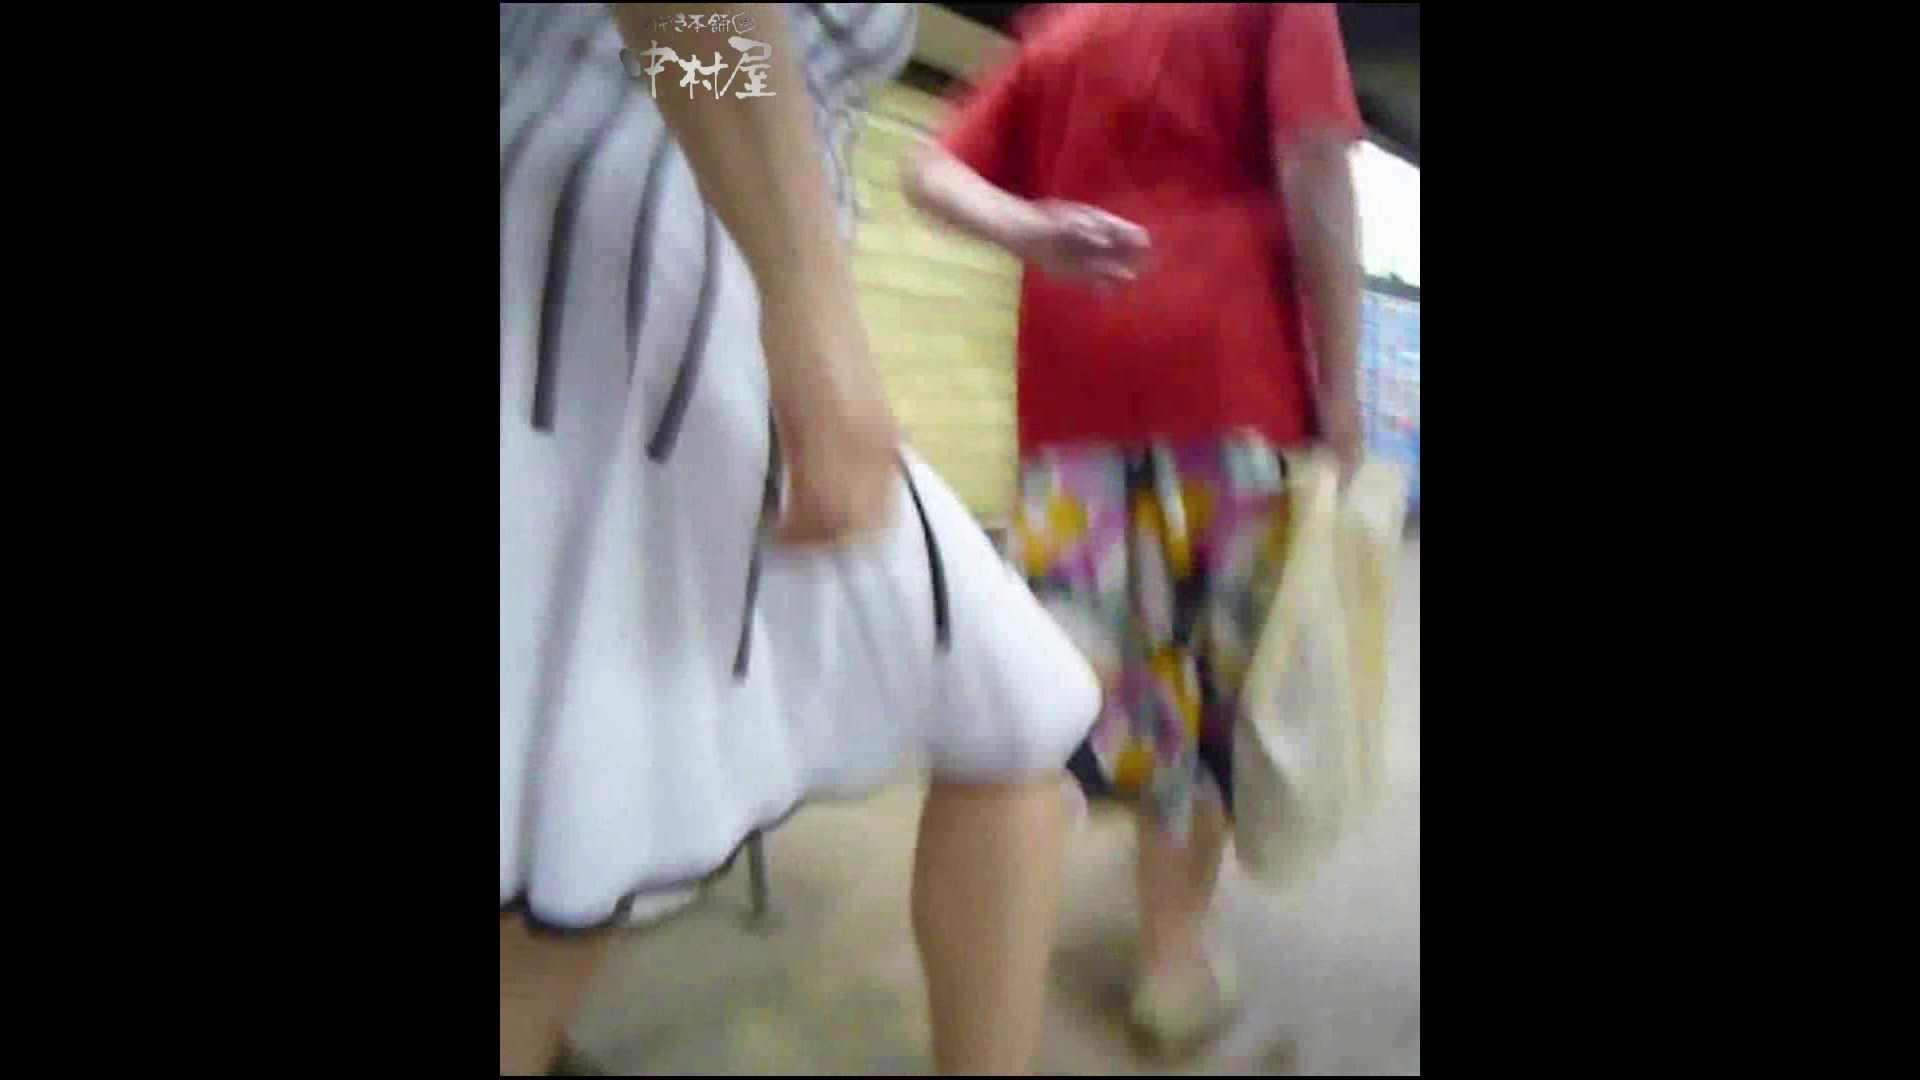 綺麗なモデルさんのスカート捲っちゃおう‼ vol27 お姉さんヌード  97画像 64